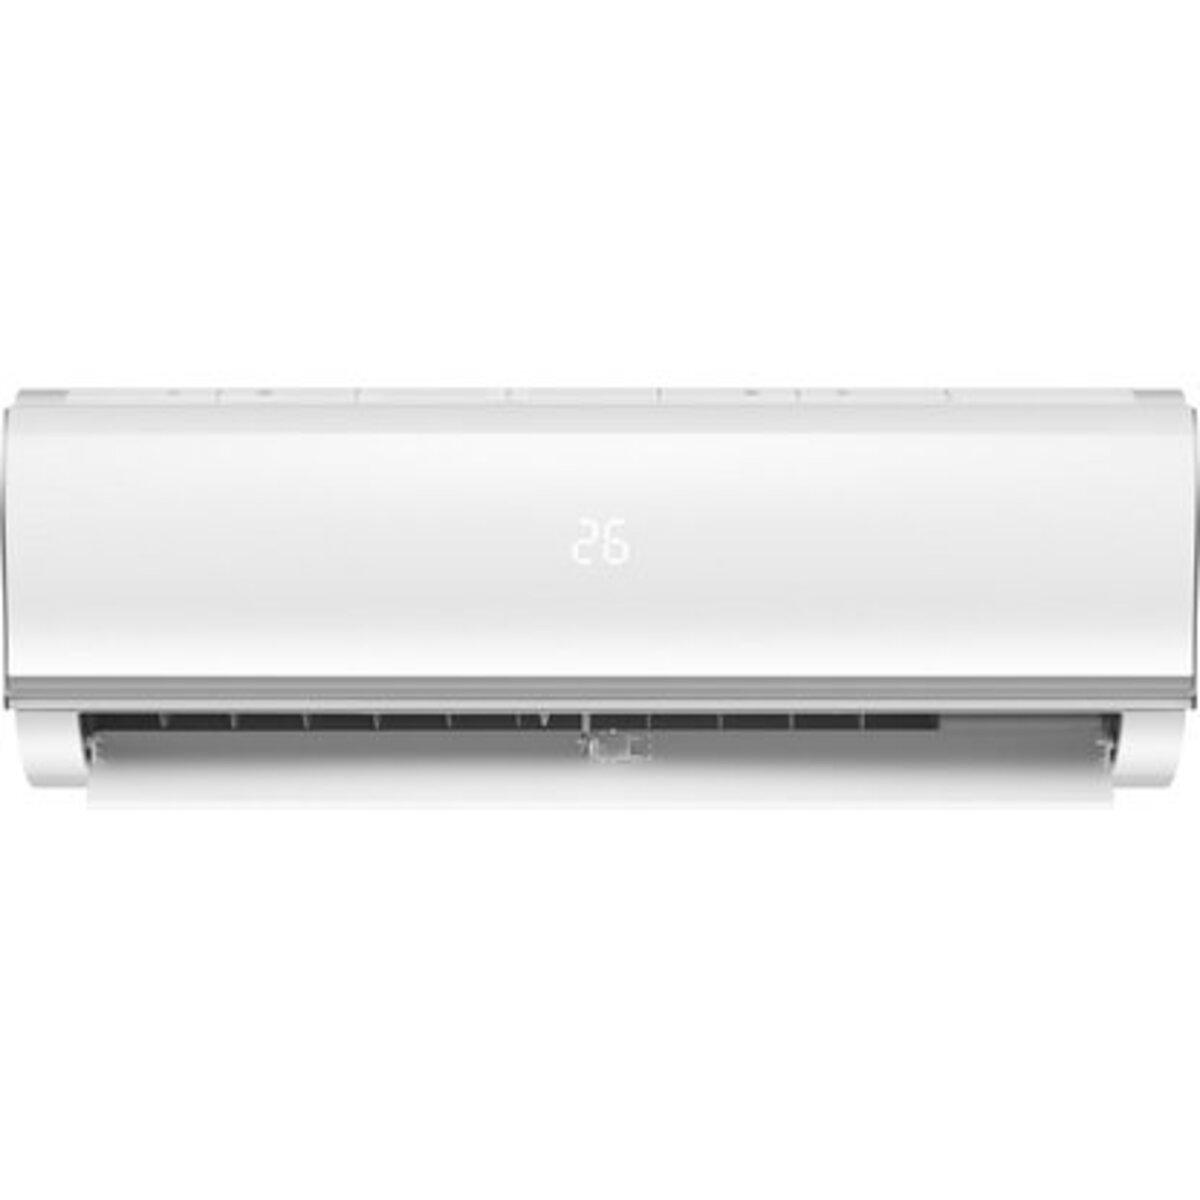 Bild 4 von Comfee Split-Klimagerät 4,6 kW 16.000 BTU EEK: A++